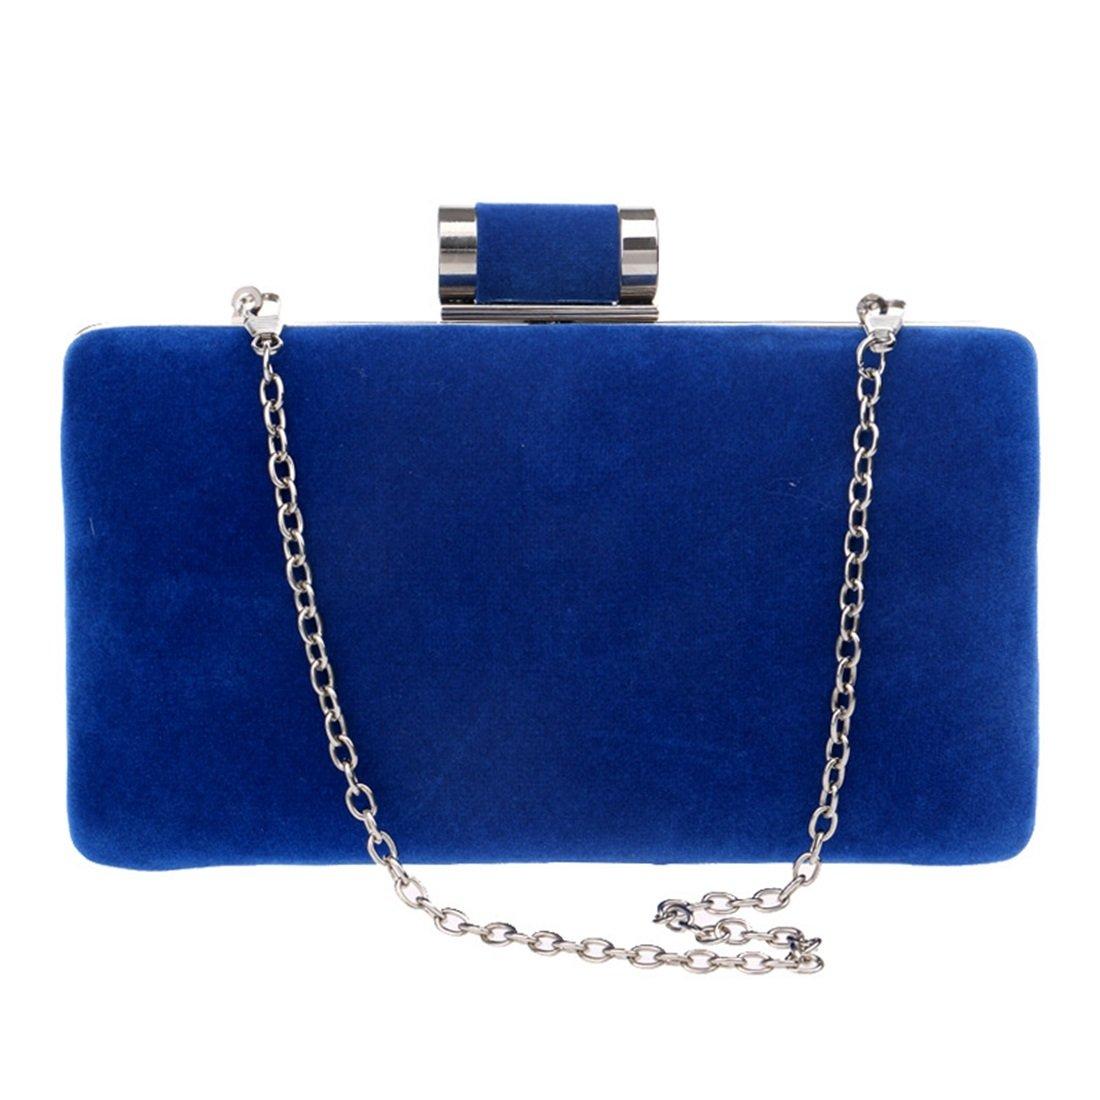 Jiuyizhe Damen Wildleder Clutch Handtasche Handtasche Handtasche Abendtasche Handtasche Crossbody Umhängetasche (Farbe   Blau) B07L2MFSGG Clutches Bestellung willkommen 651814